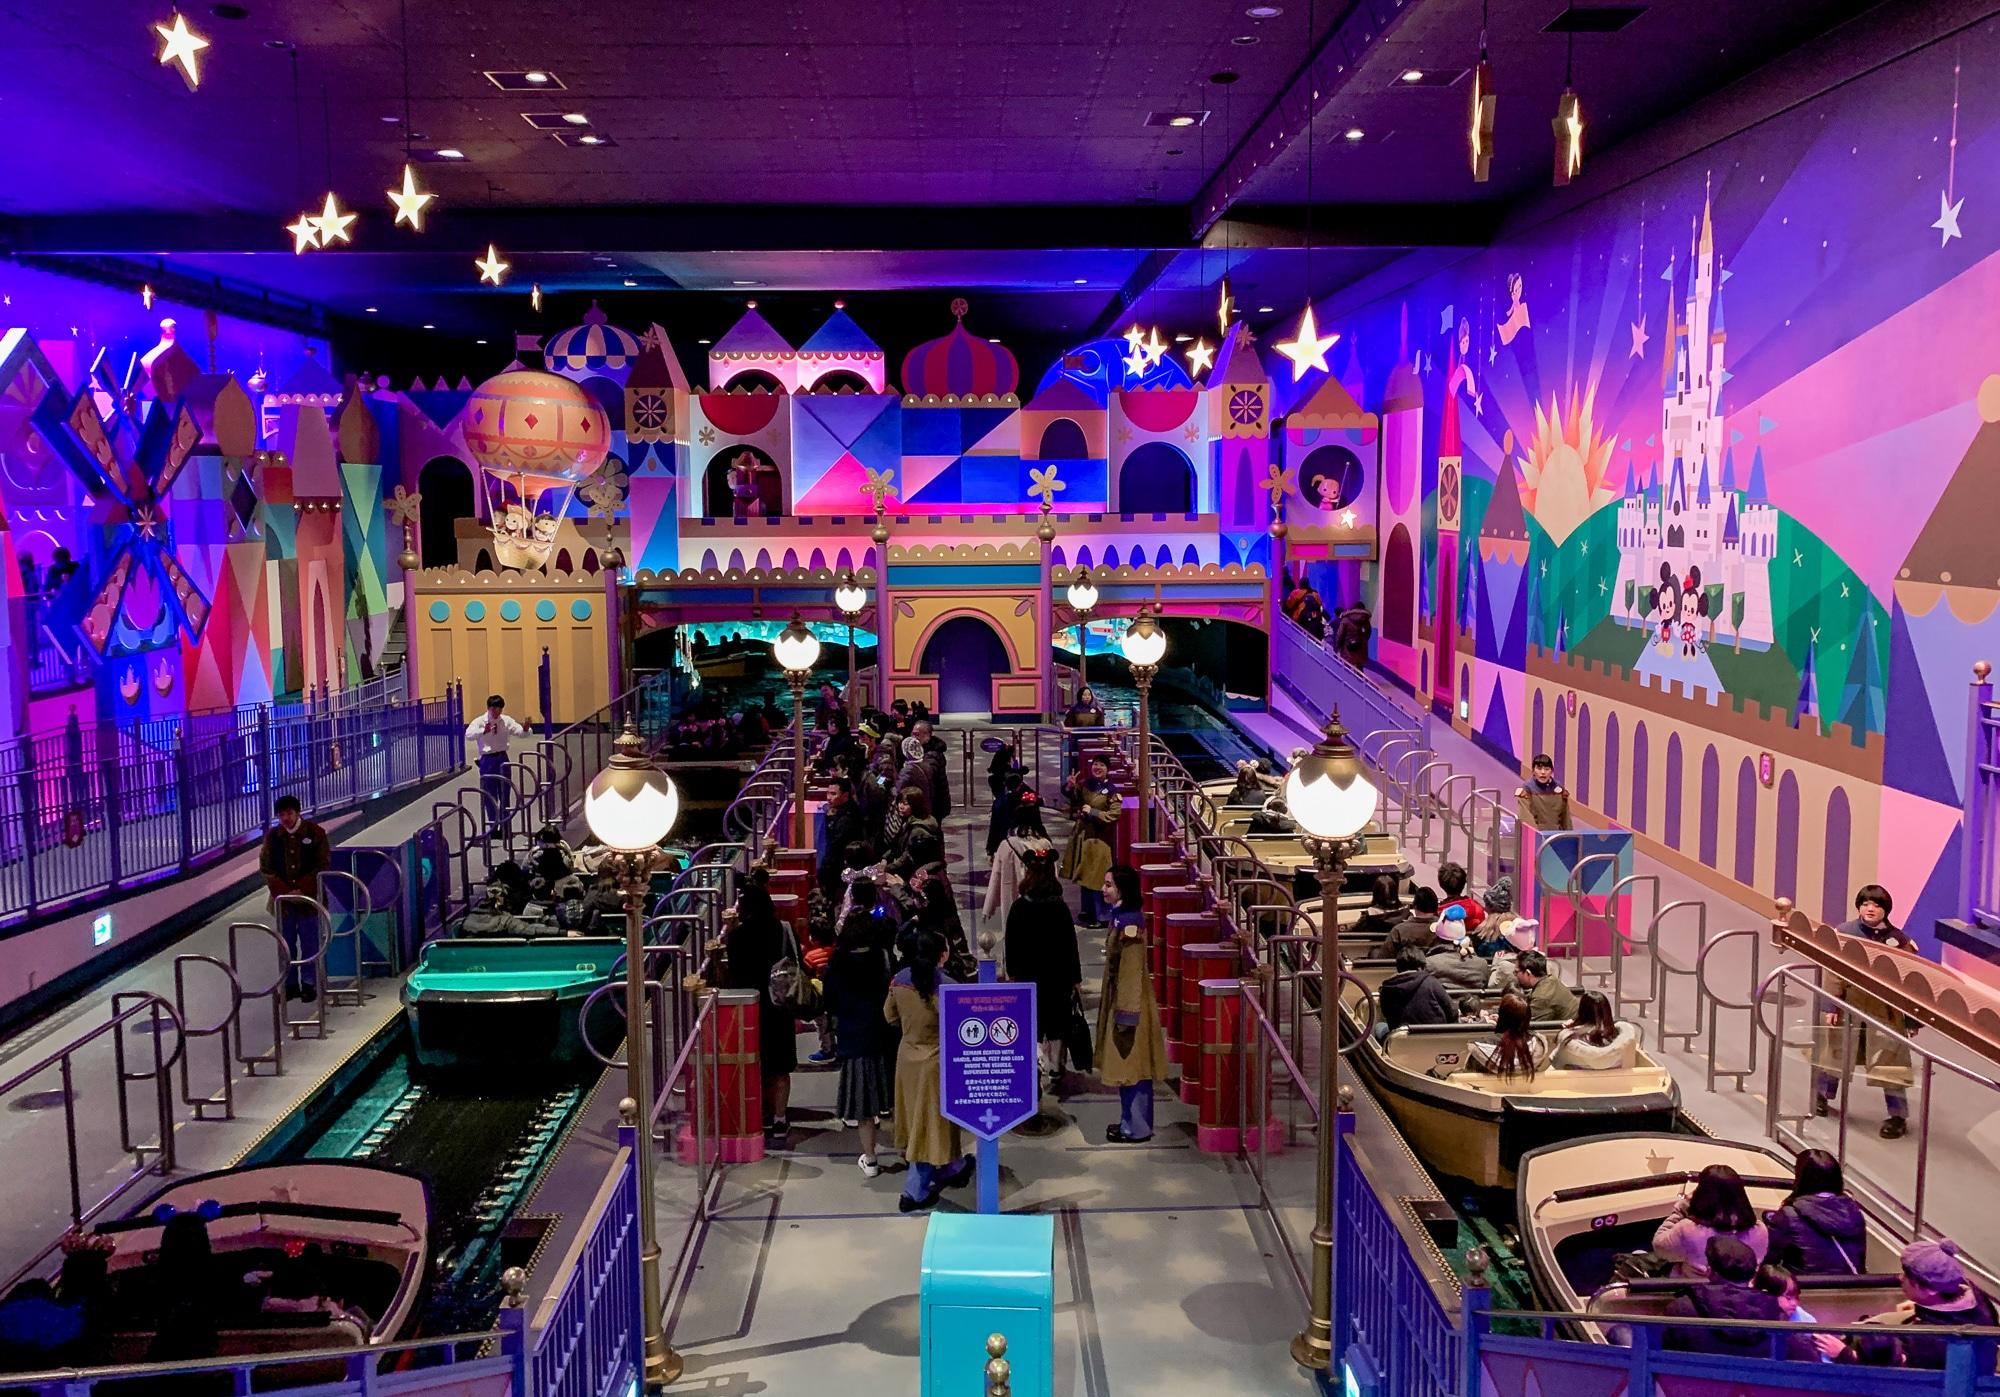 Disneyland Tokio: Meine Erfahrungen, Attraktionen und Highlights im Park - Fantasyland It's a Small World